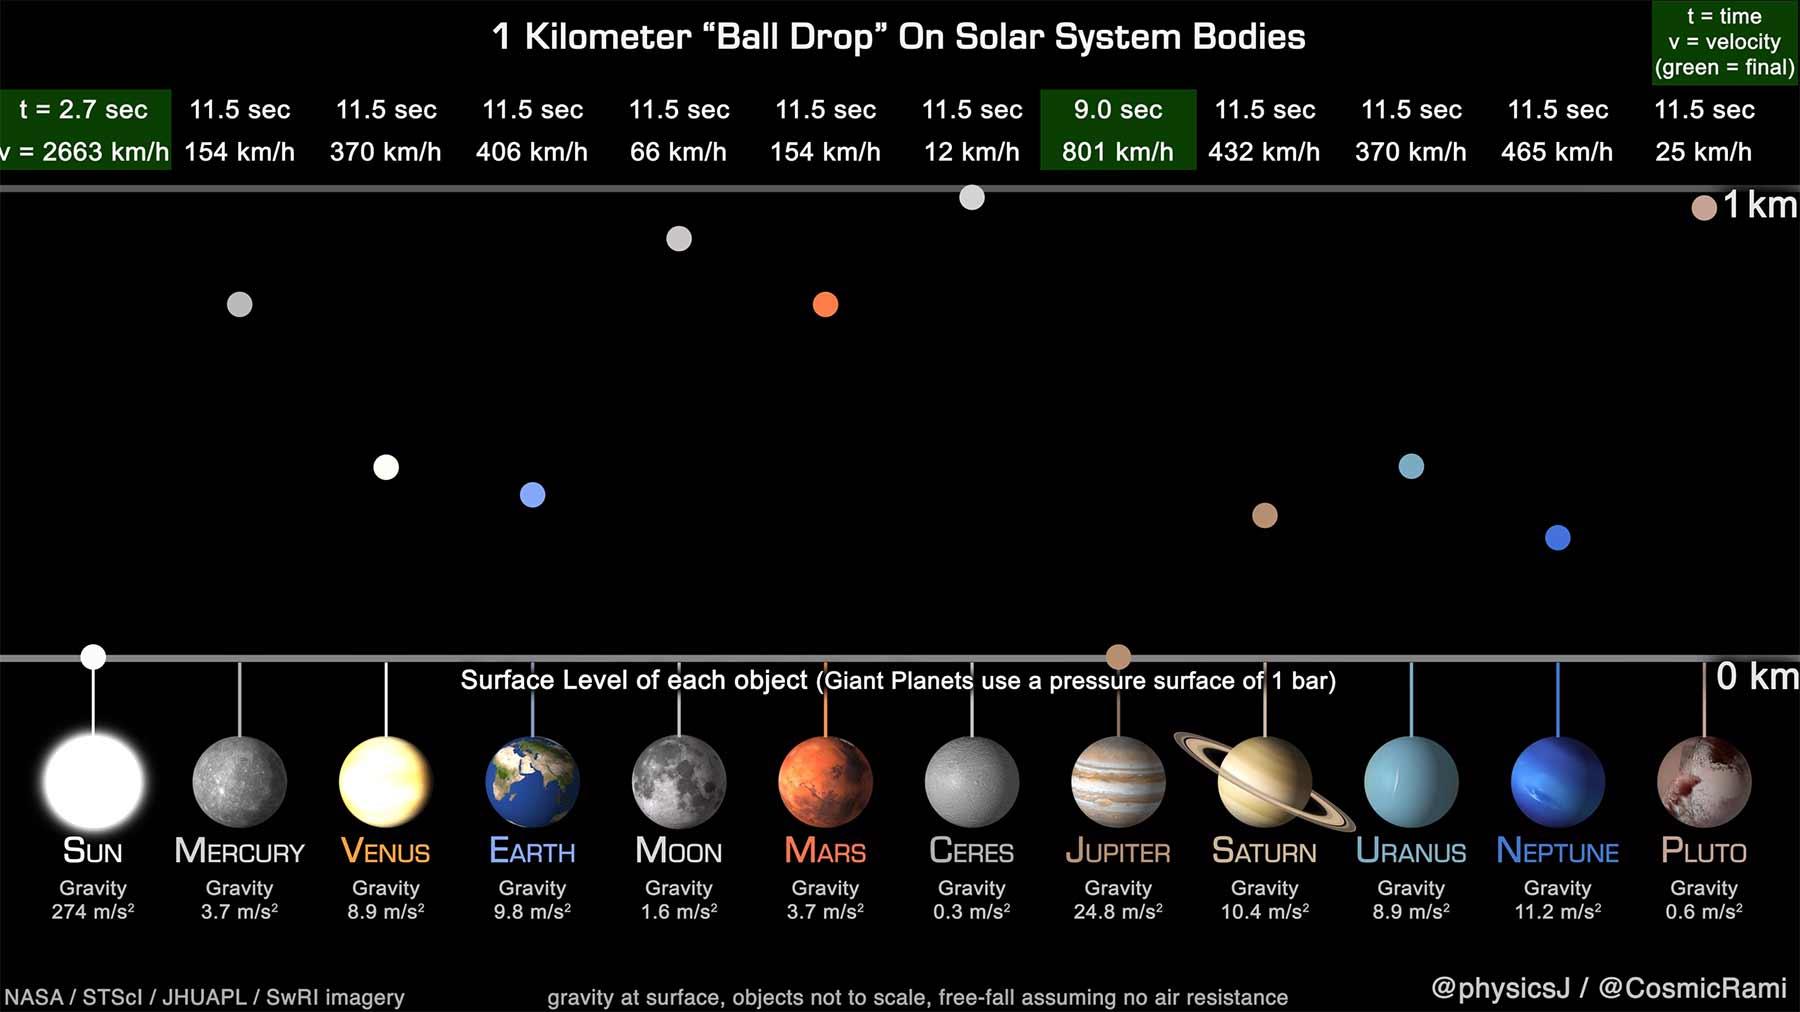 Ball aus 1 Kilometer Höhe auf unterschiedliche Planeten fallen lassen